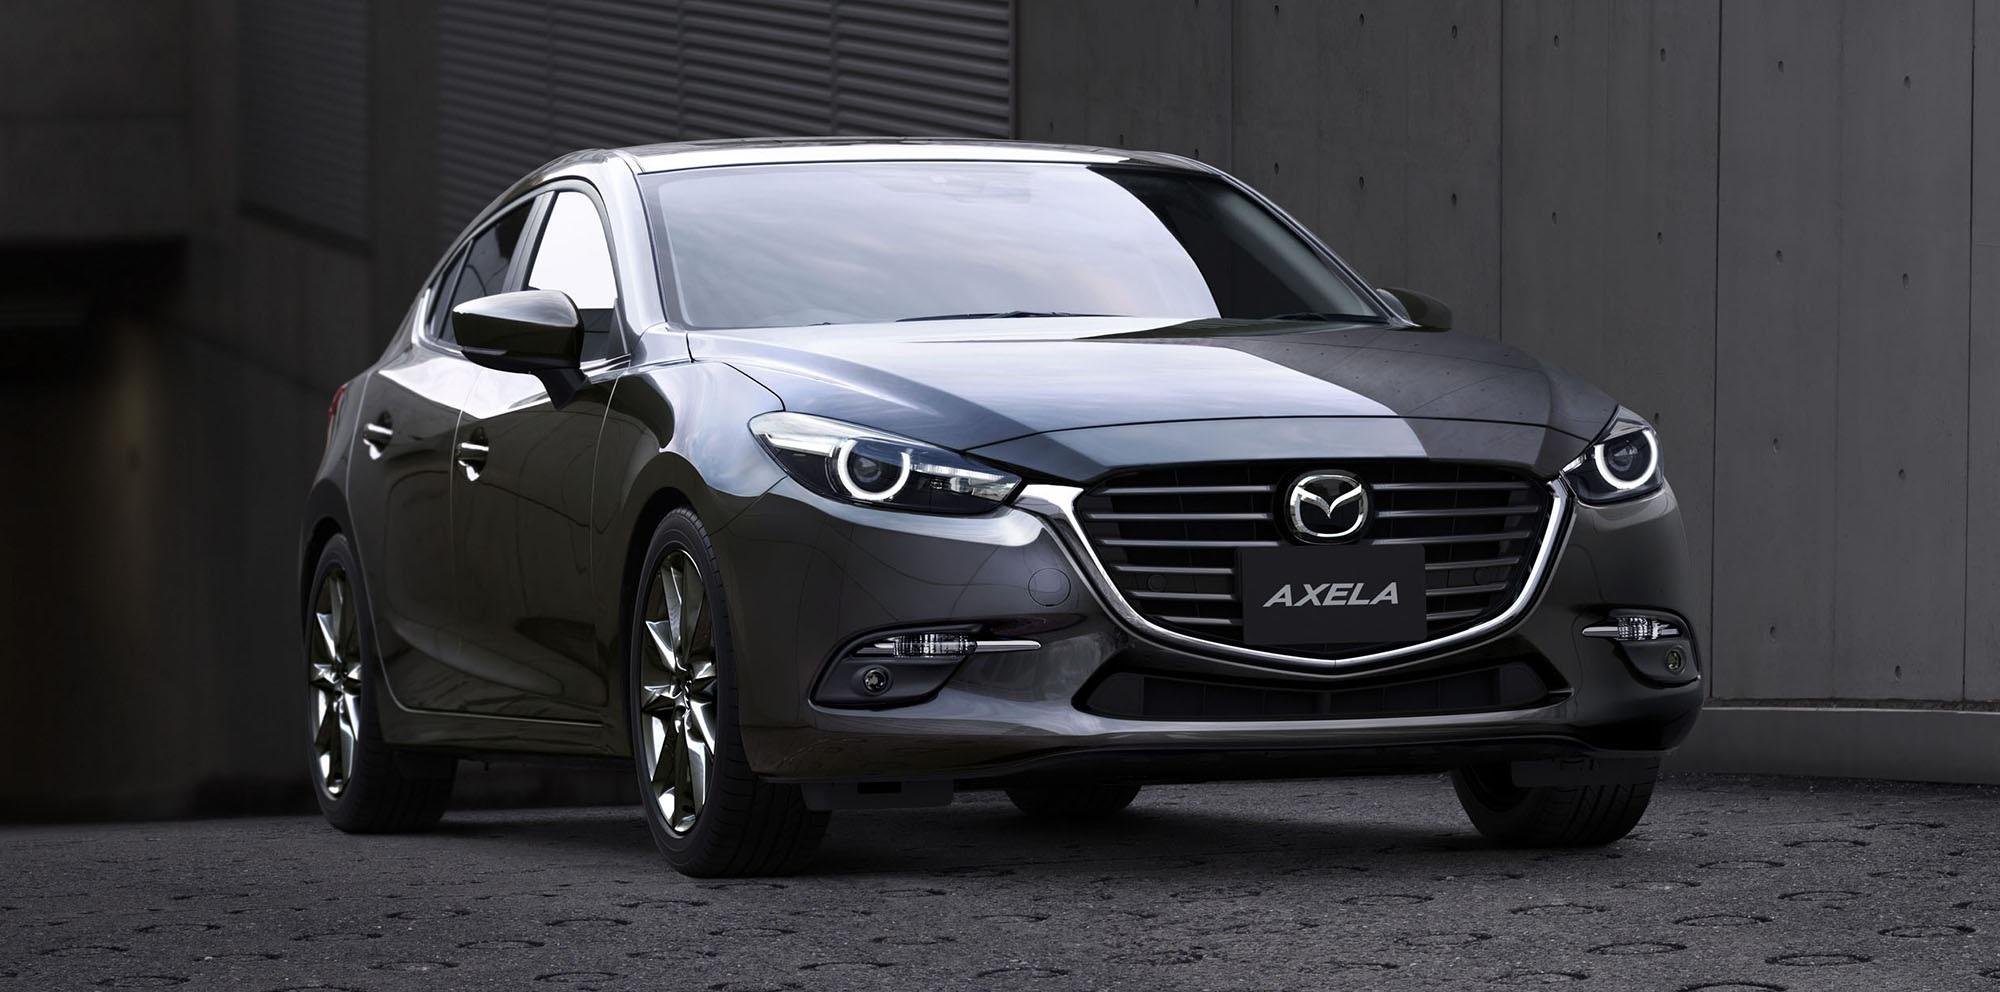 Tại Nhật Bản, Mazda Axela sẽ được trang bị ba loại động cơ: xăng I4 1.5L, diesel I4 2.2 turbo và diesel I4 1.5L turbo